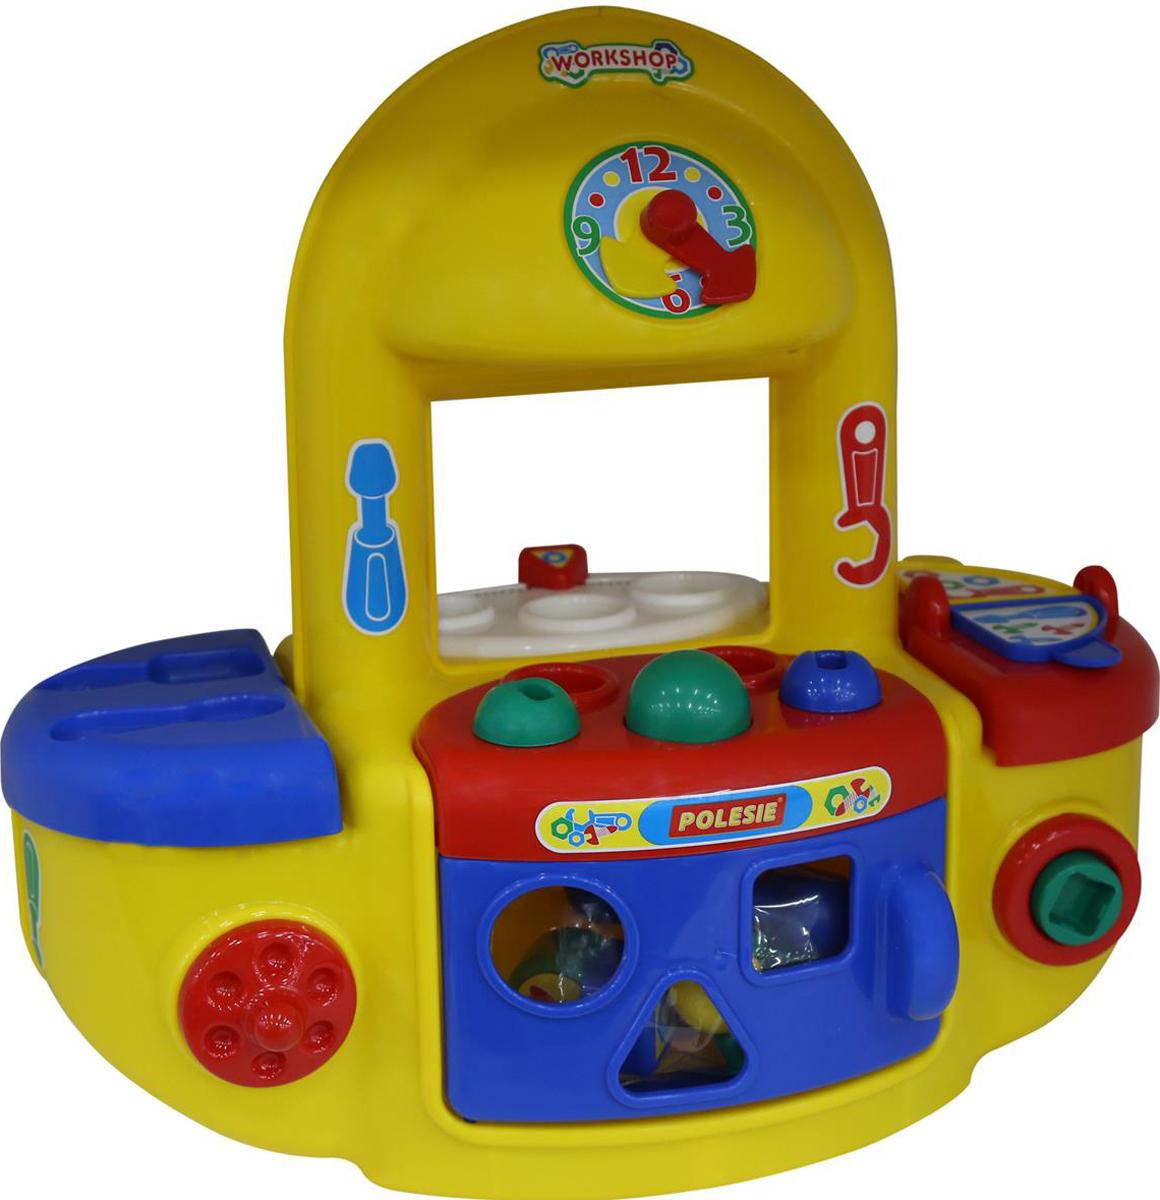 Полесье Игровой набор Мастерская 9180, цвет в ассортименте инновации для детей набор мыльная мастерская тропический микс